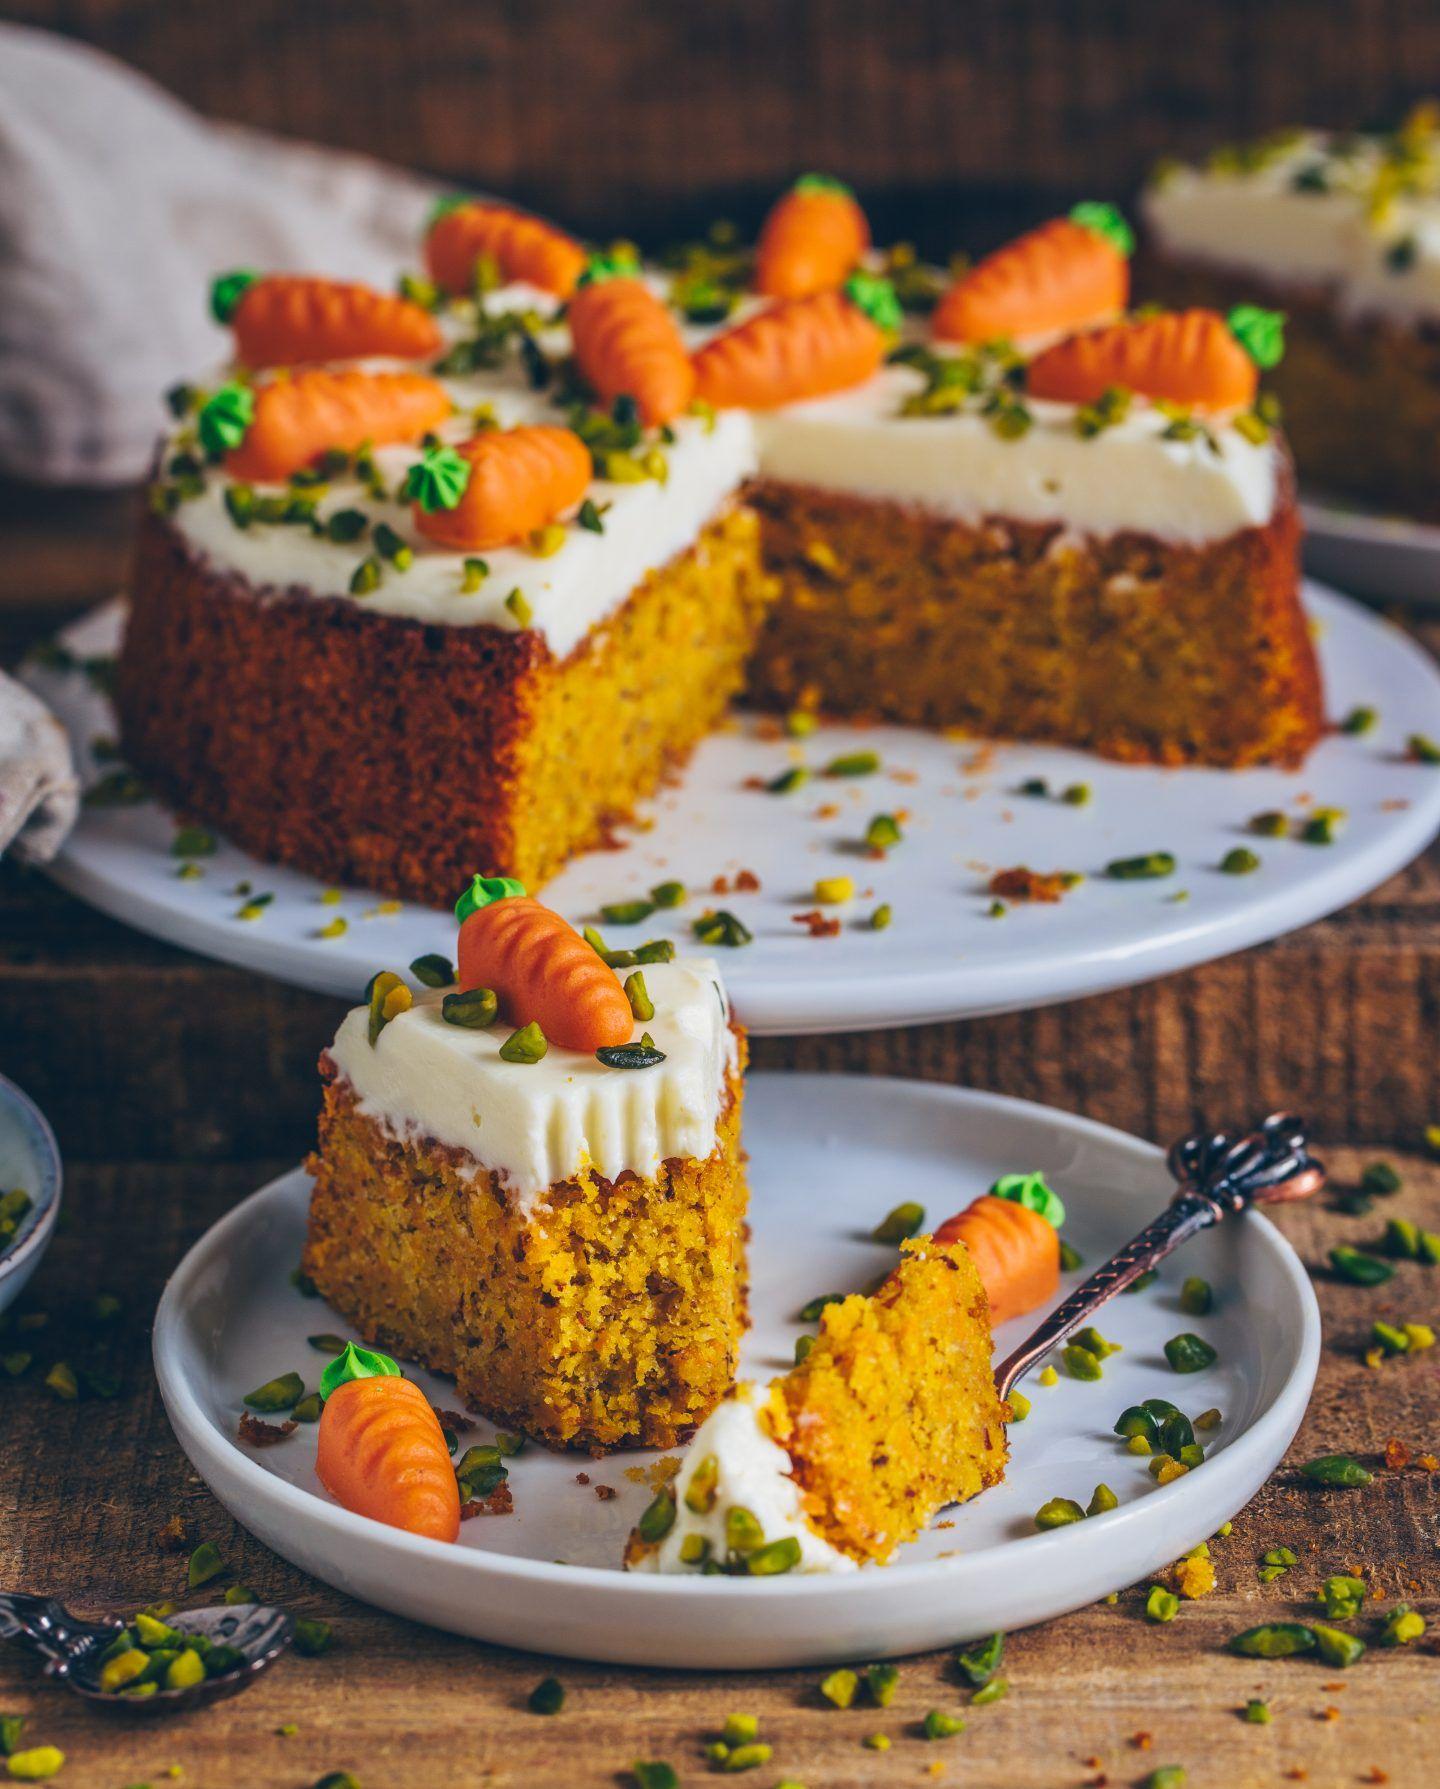 Carrot Cake (vegan, easy recipe) - Bianca Zapatka | Recipes